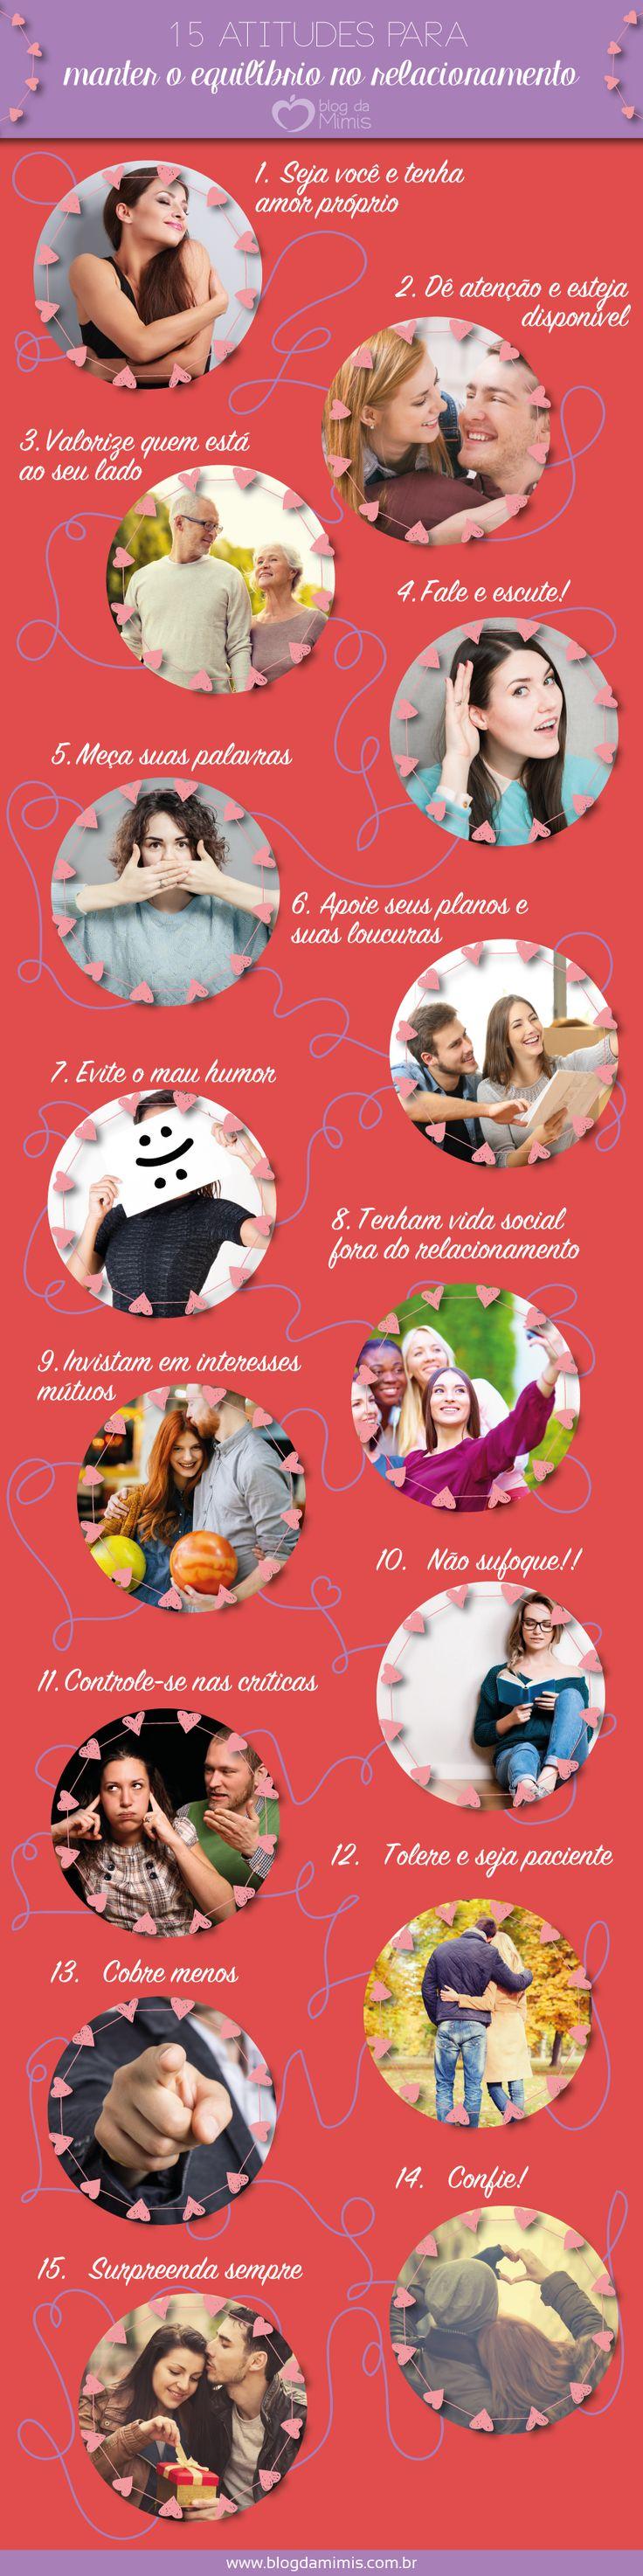 15 atitudes para manter o equilíbrio no relacionamento - Blog da Mimi #relacionamento #love #casamento #relação #casal #namorados #dicas